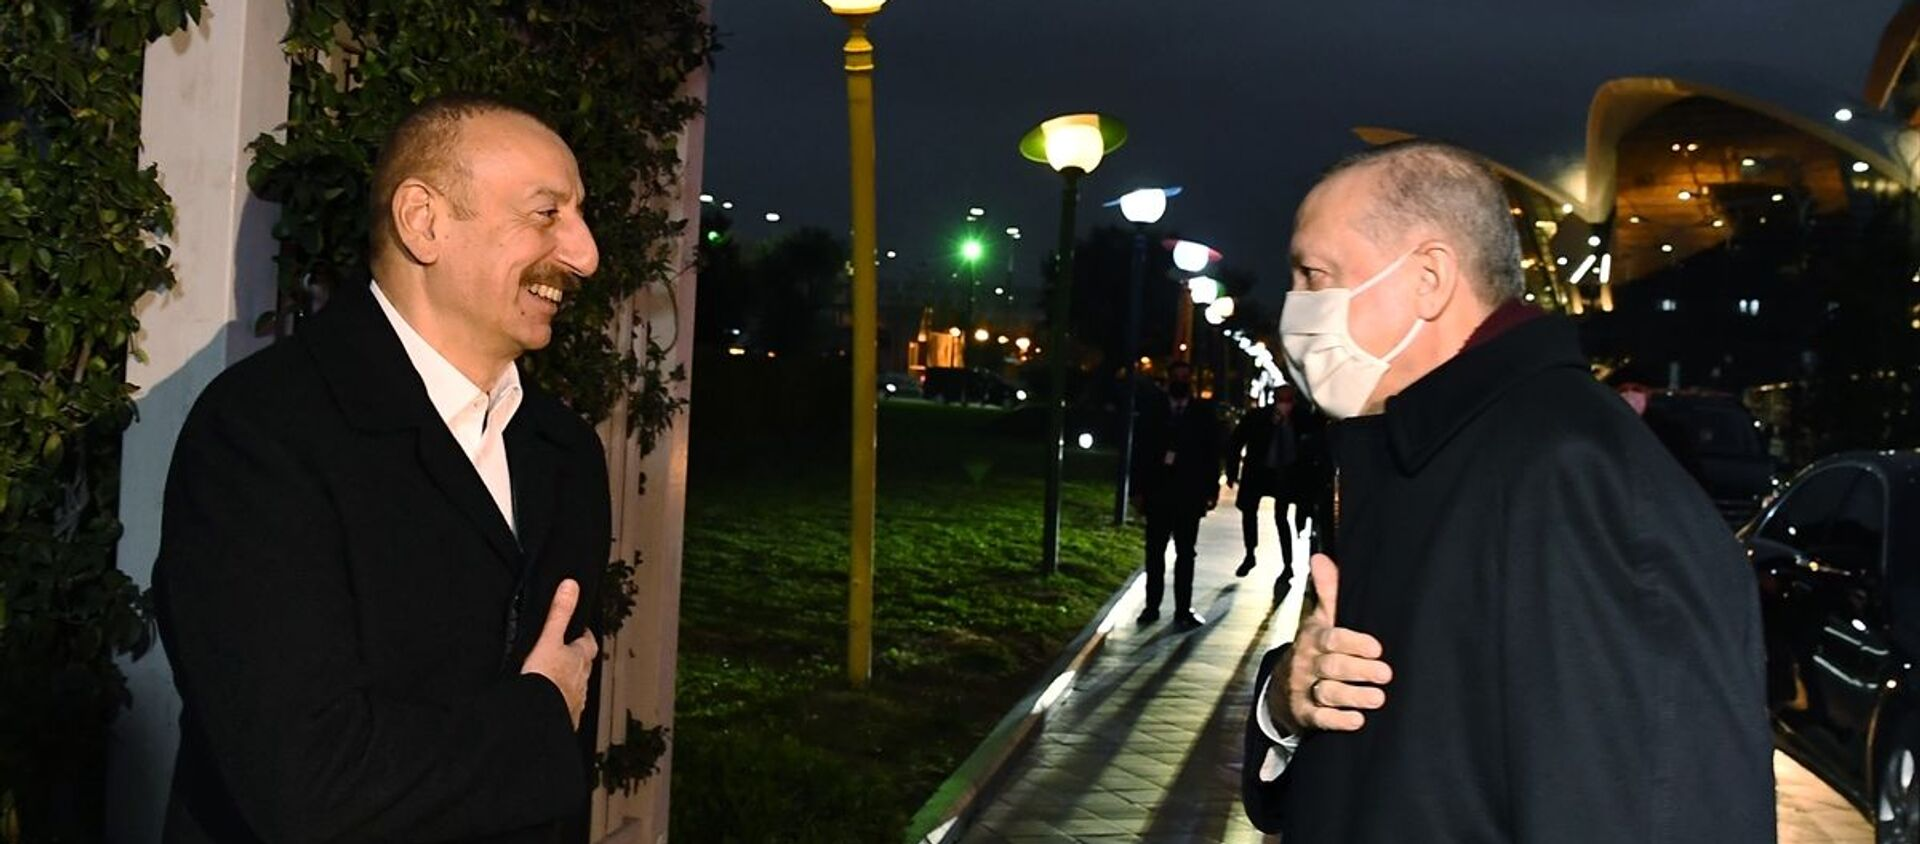 Cumhurbaşkanı Erdoğan, Azerbaycan Cumhurbaşkanı Aliyev ile akşam yemeğinde bir araya geldi. - Sputnik Türkiye, 1920, 24.12.2020